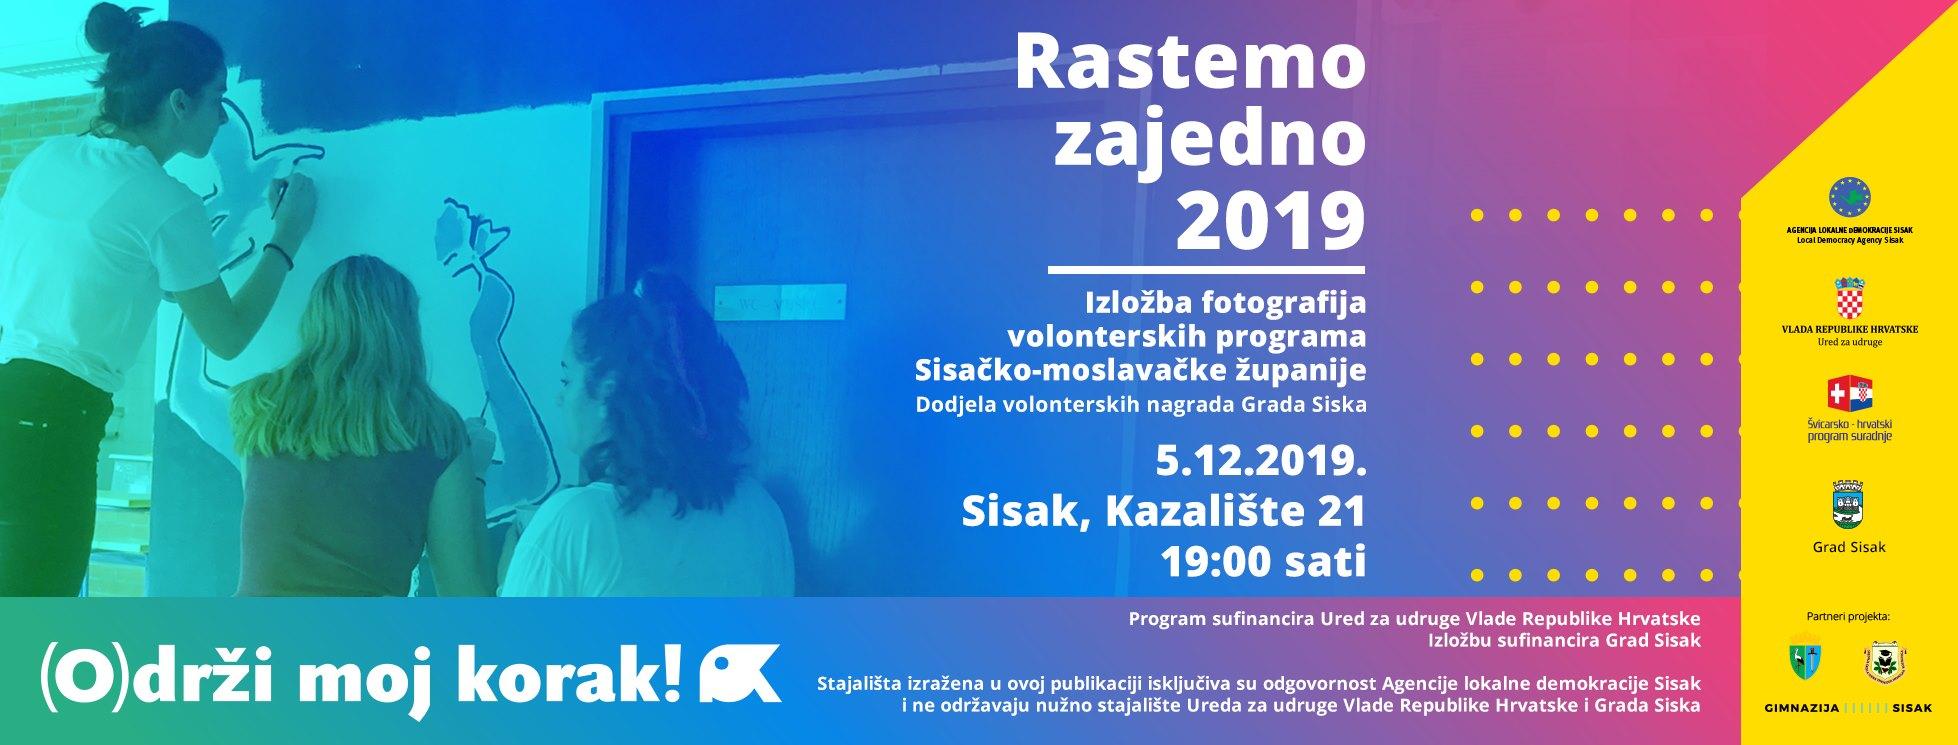 """Izložba """"Rastemo zajedno"""" i dodjela Volonterskih nagrada 2019"""